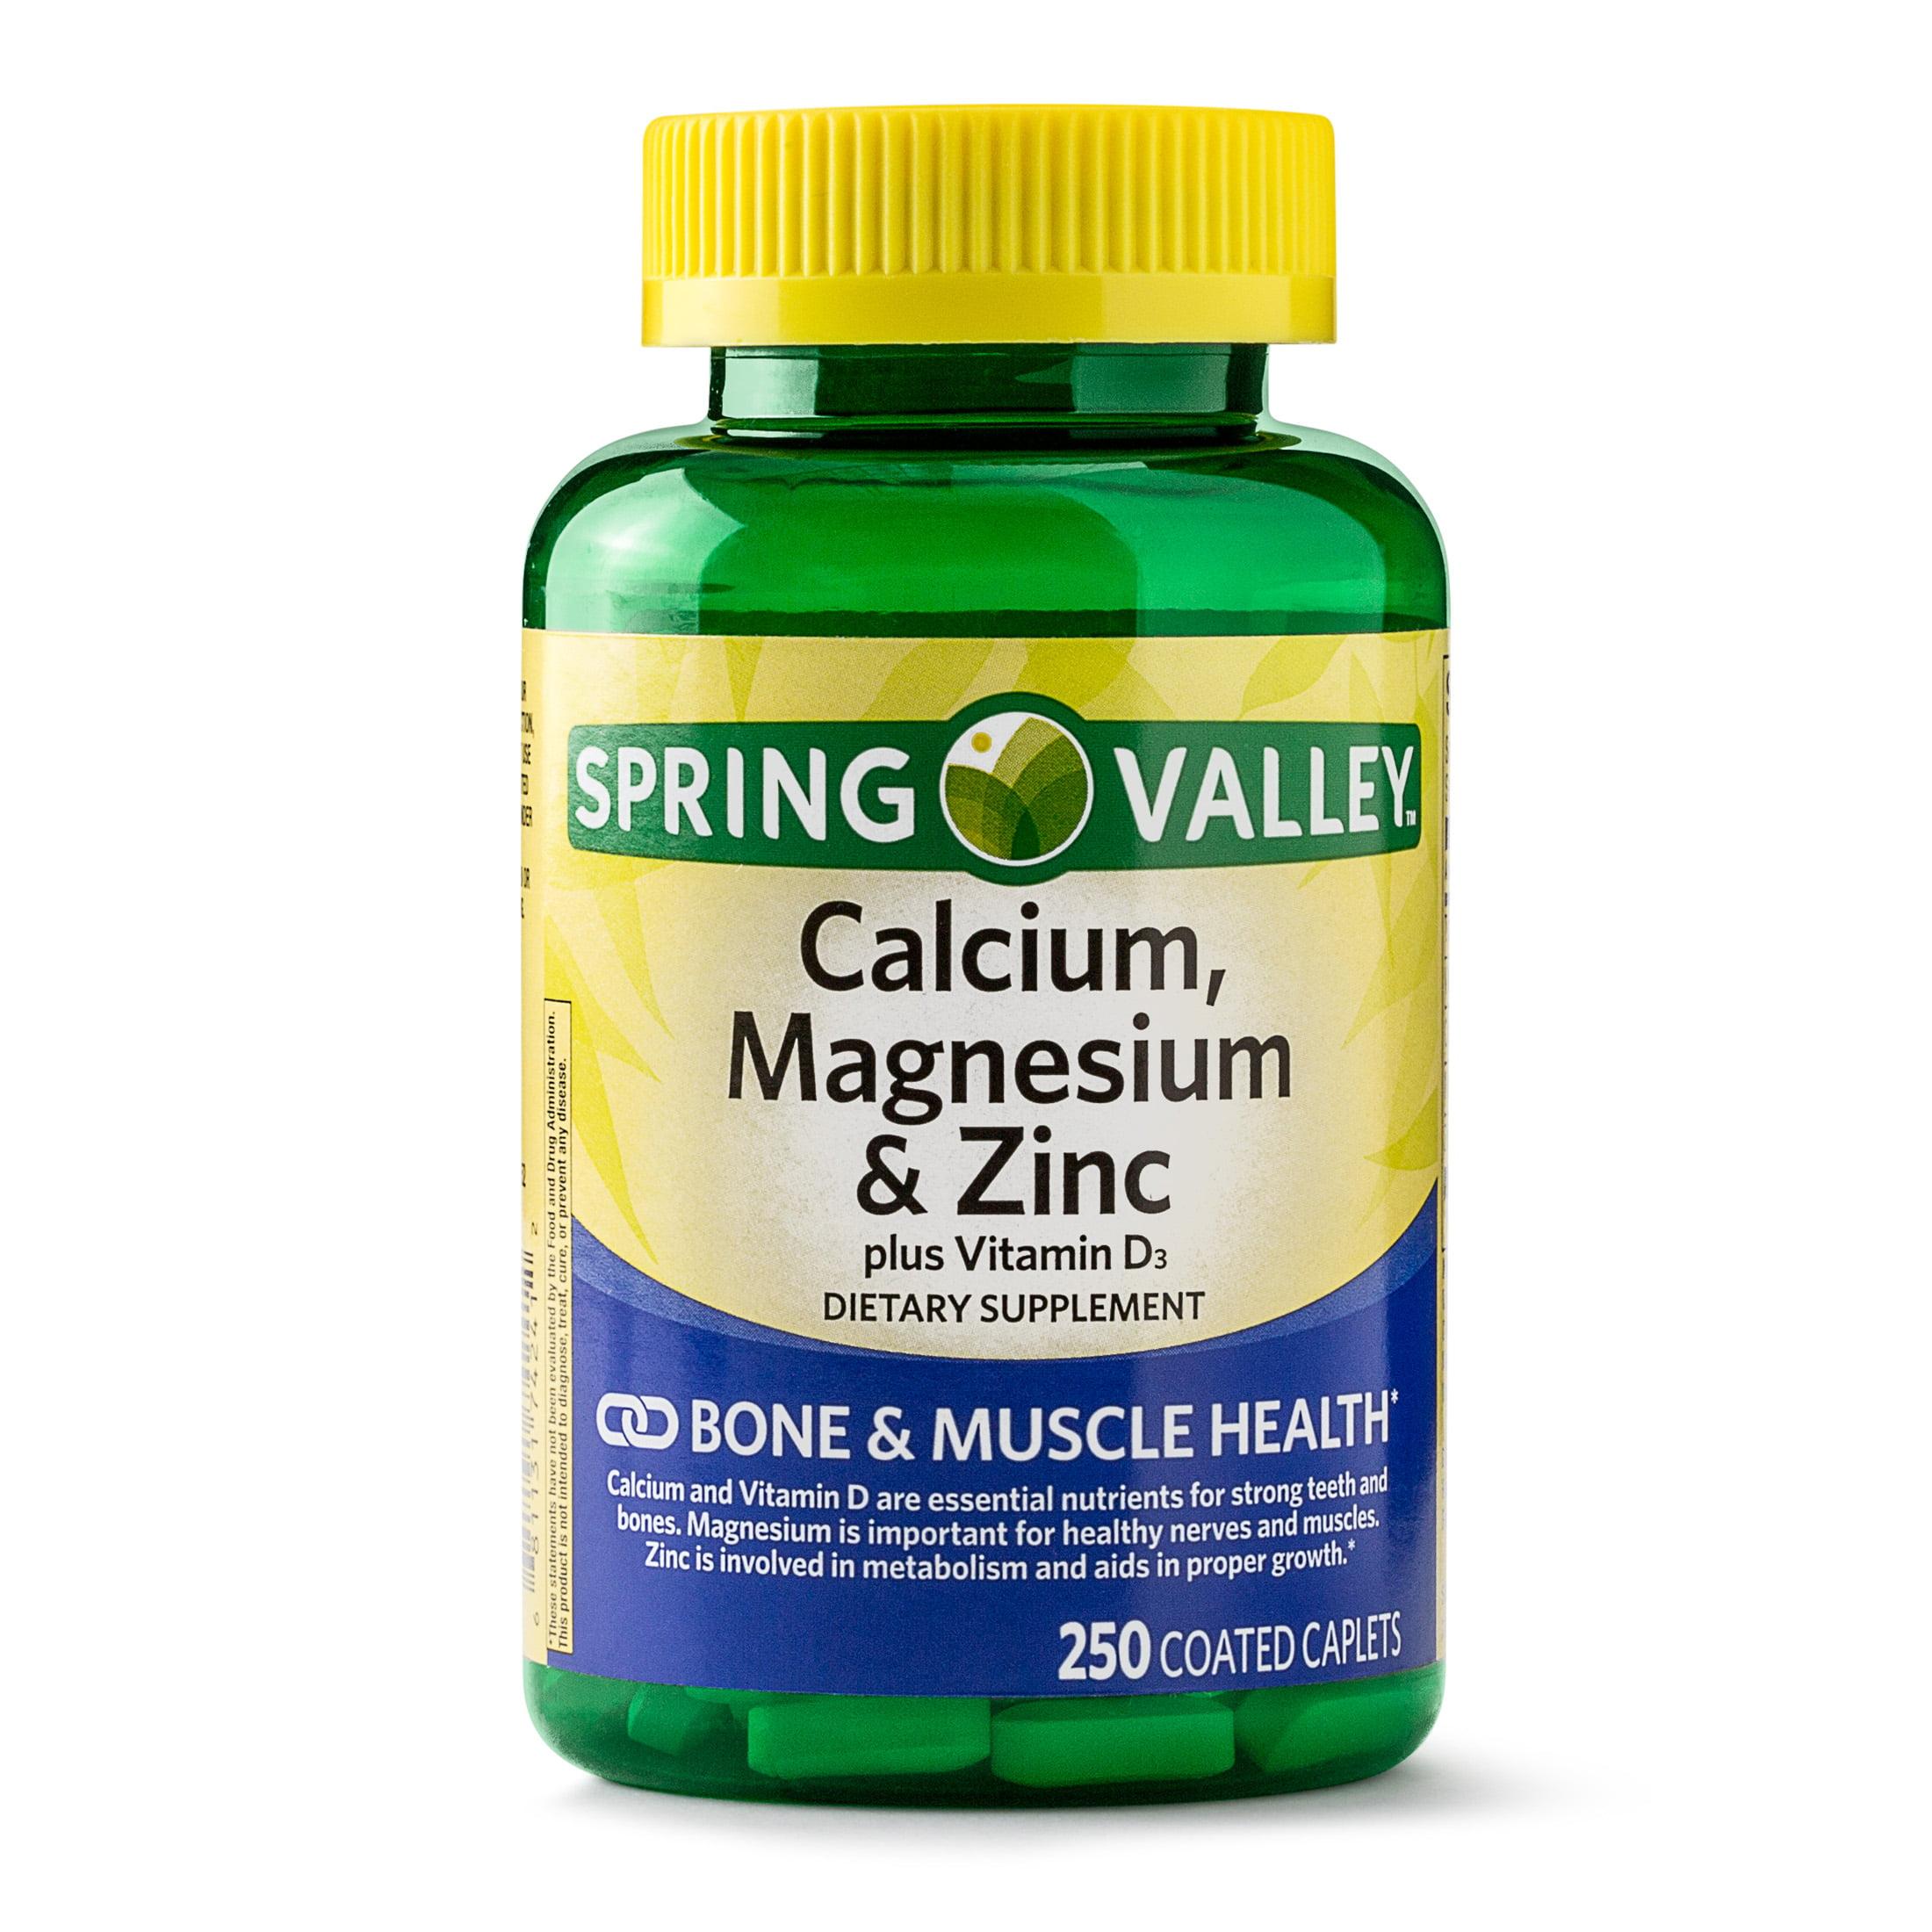 Spring Valley Calcium, Magnesium & Zinc Coated Caplets, 250 Ct